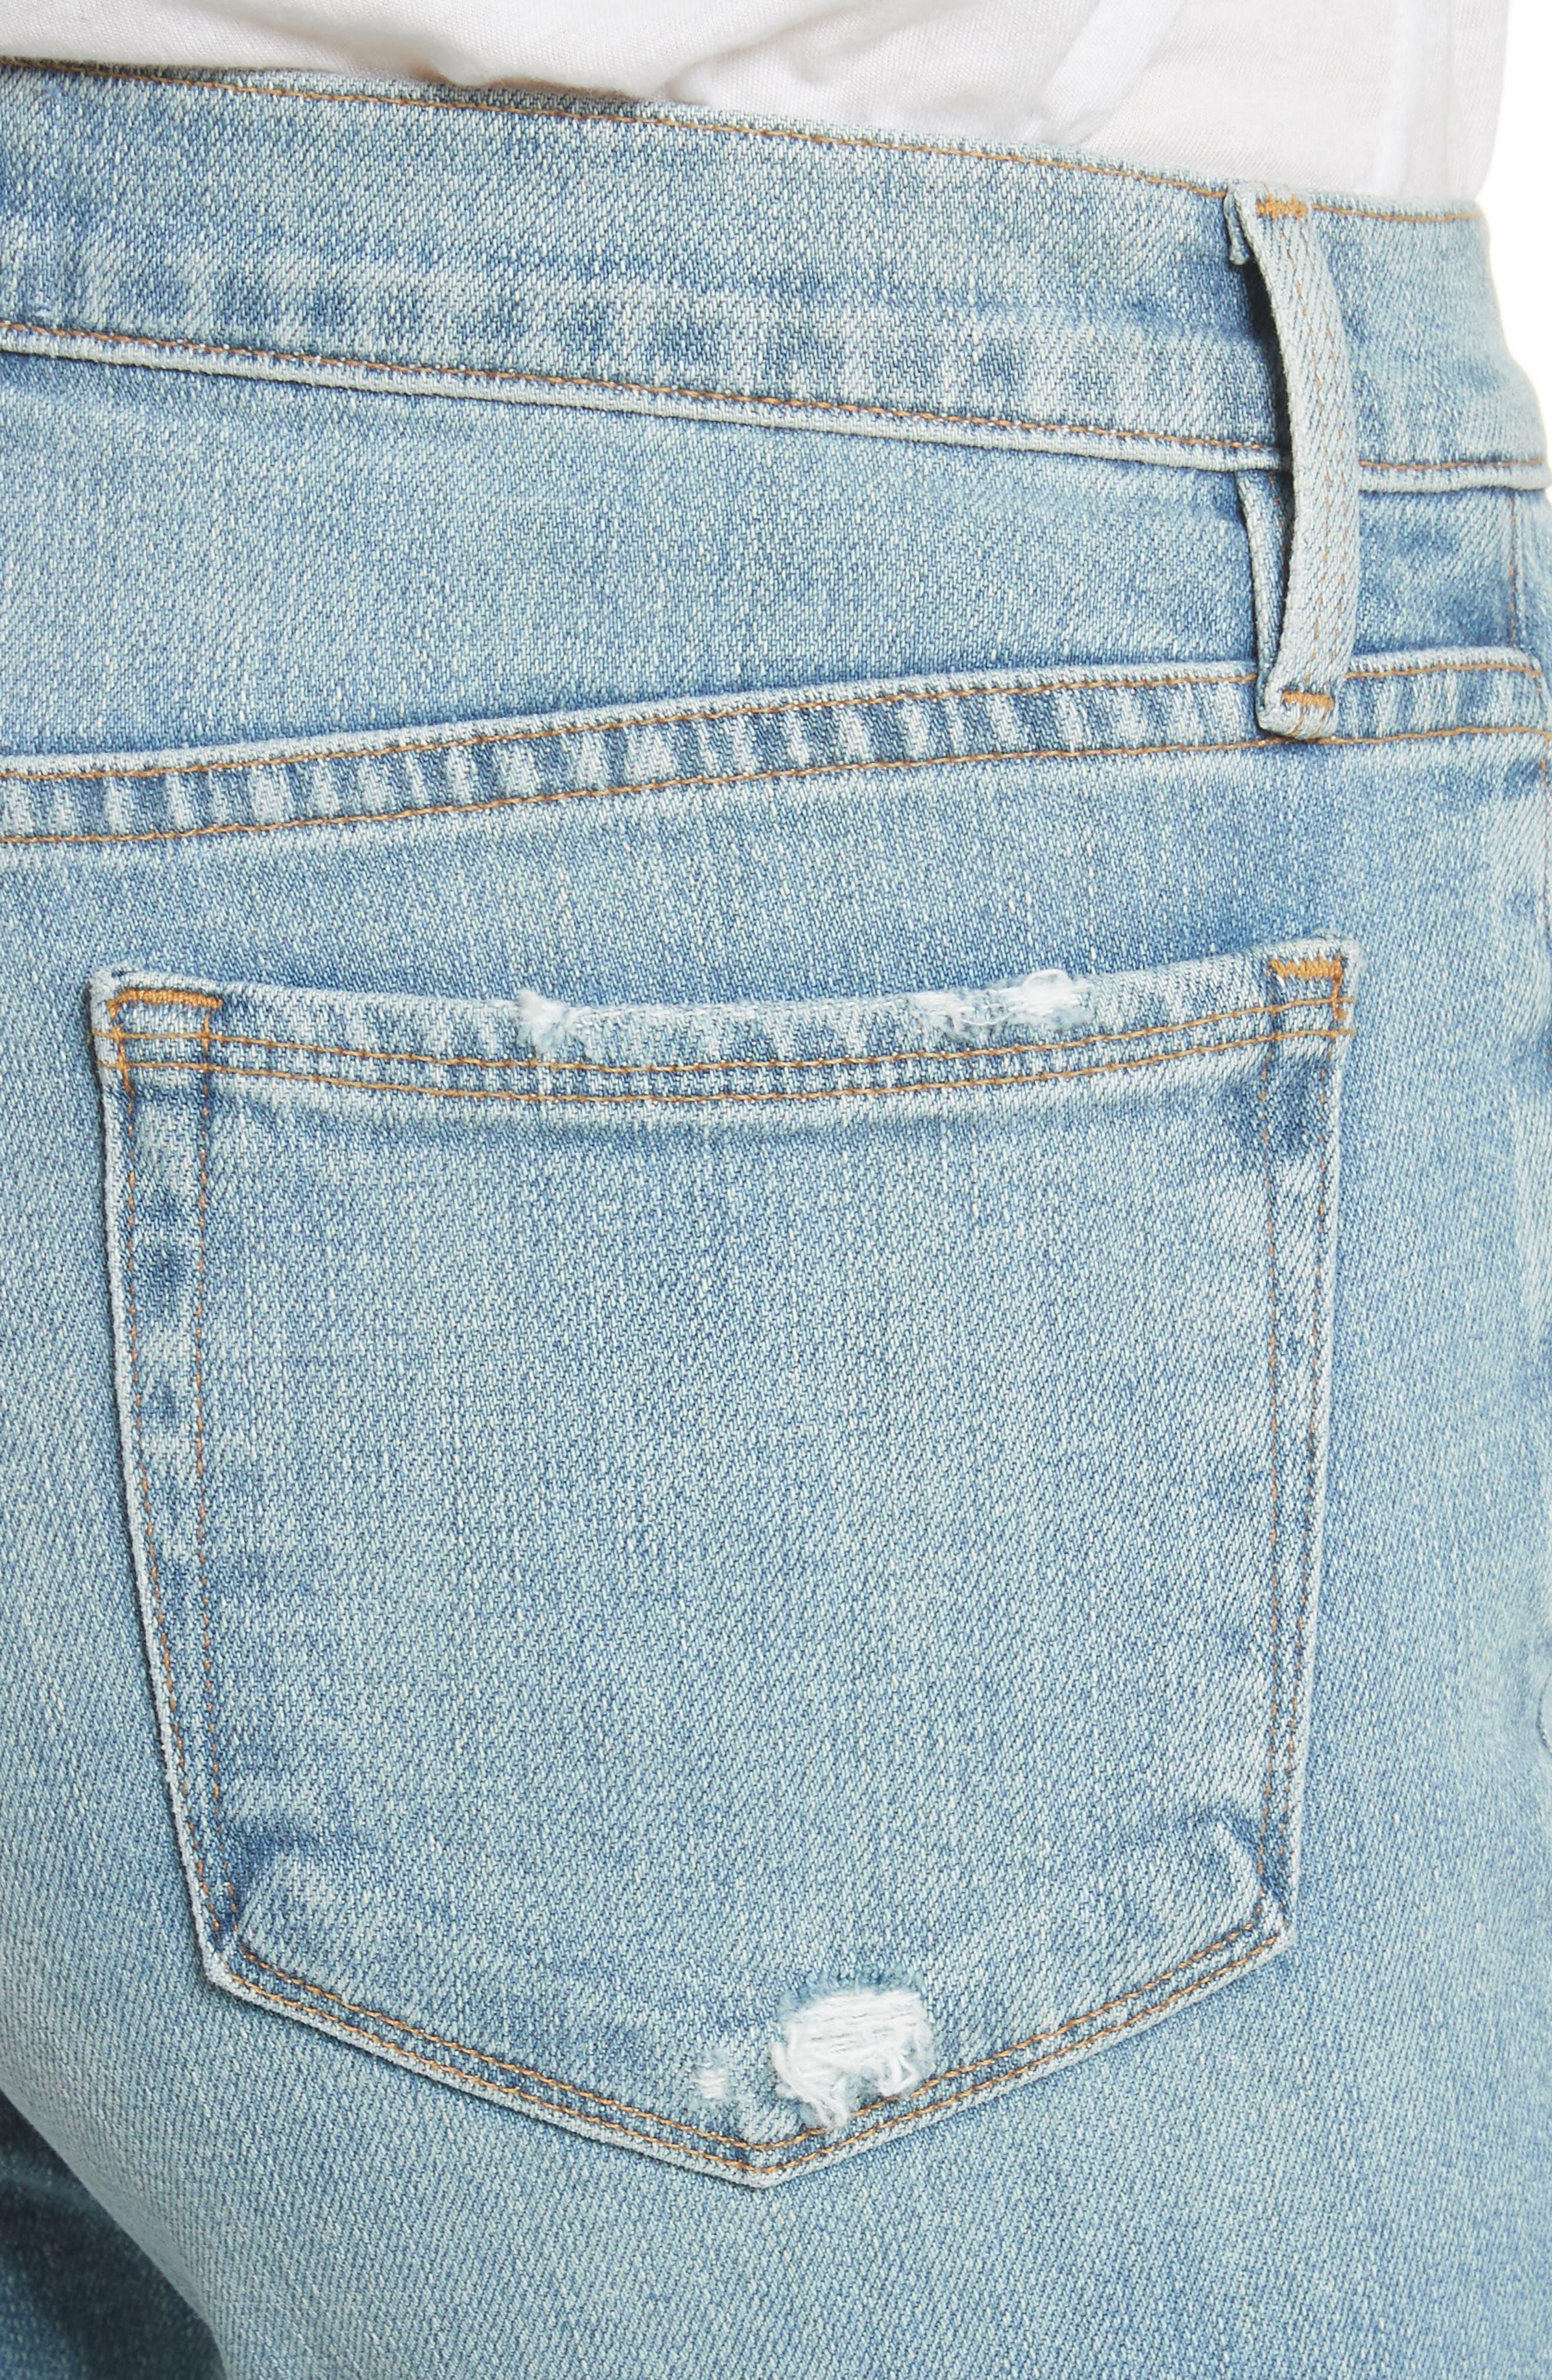 Le Nouveau Shredded Straight Leg Crop Jeans,                             Alternate thumbnail 4, color,                             450